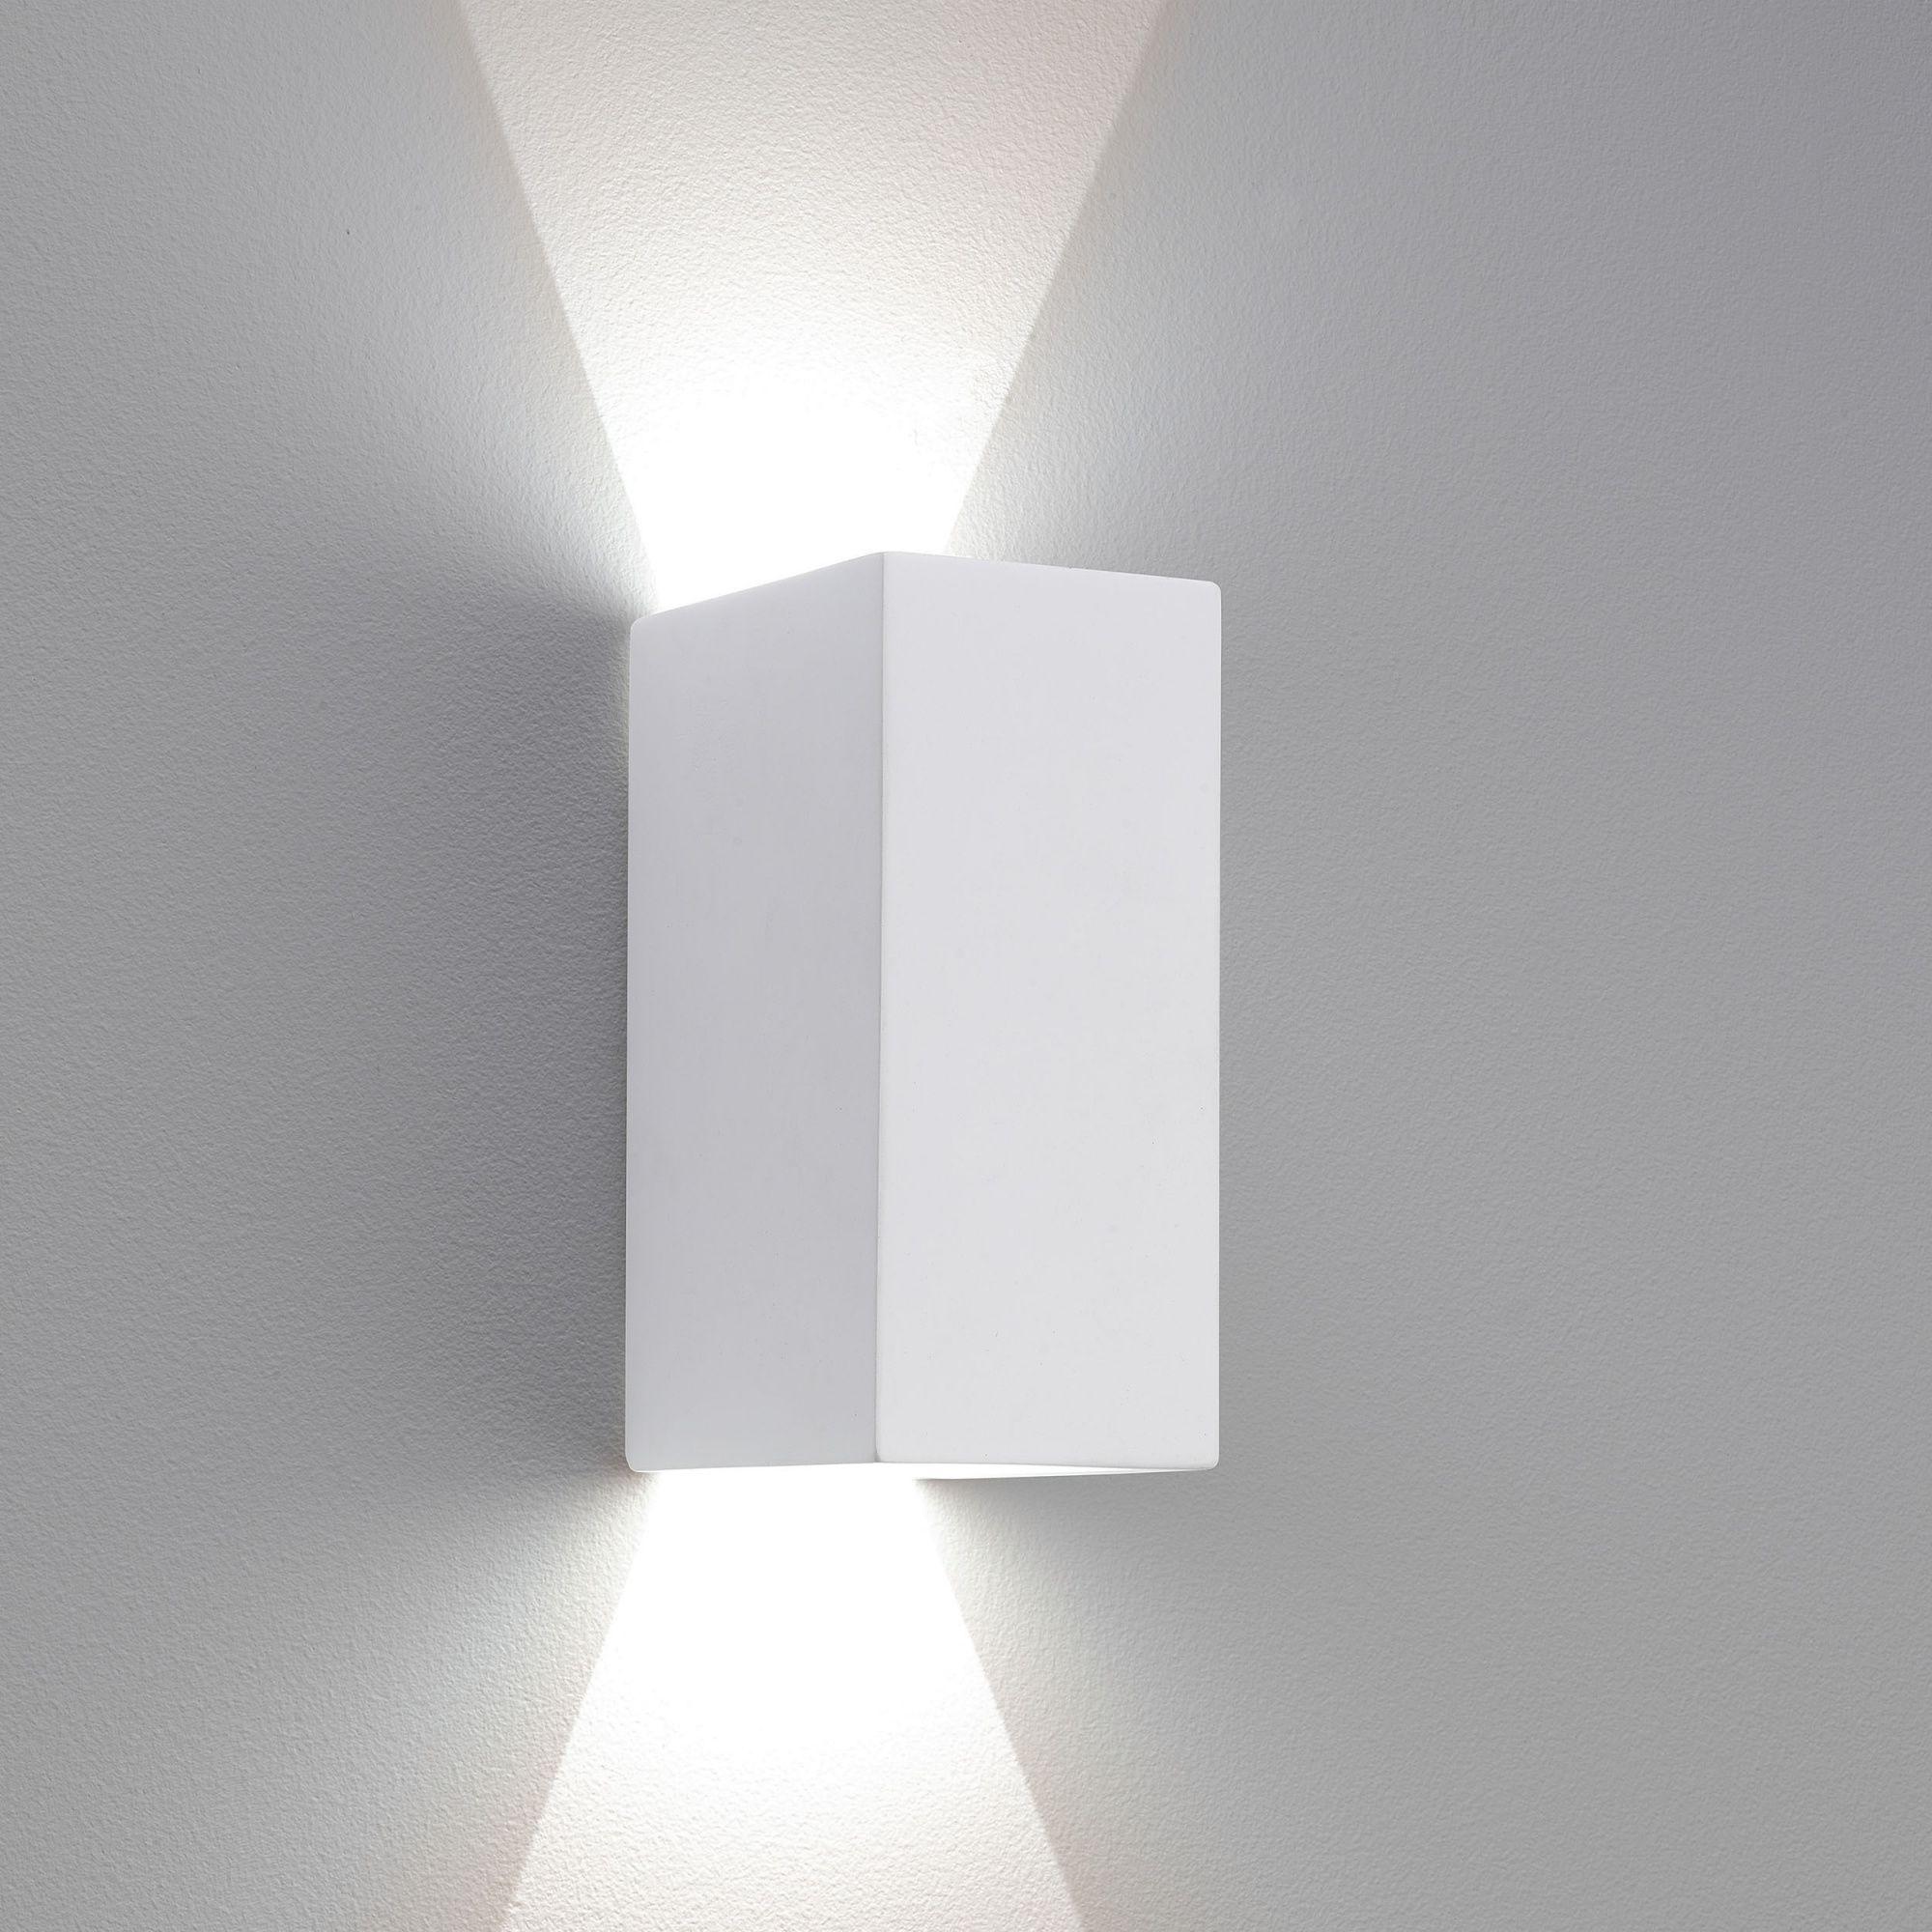 Kinkiet Parma 160 LED 7598 Astro Lighting